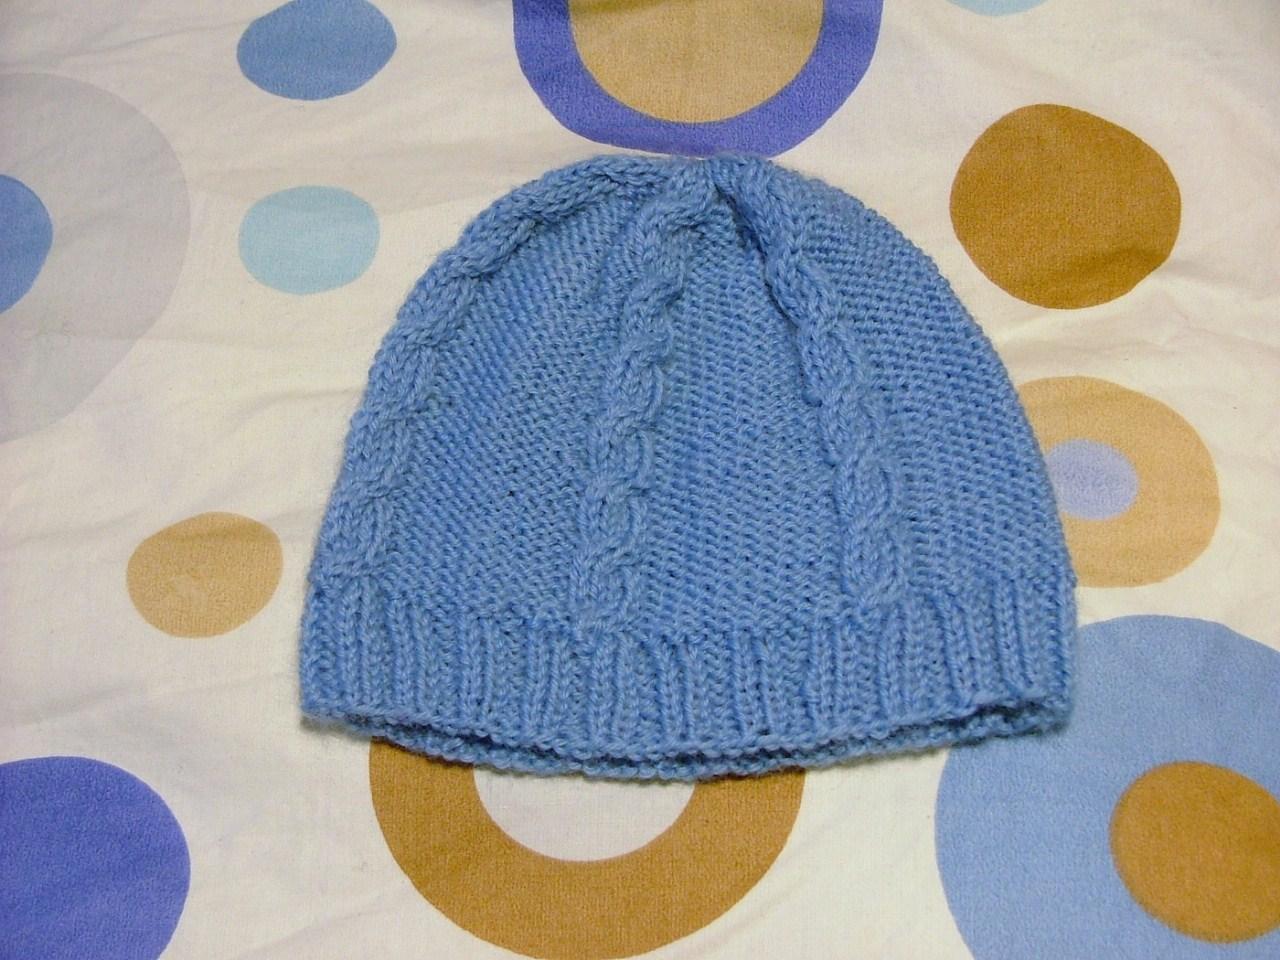 spesso filoturchino: 3 cappellini neonato WN97